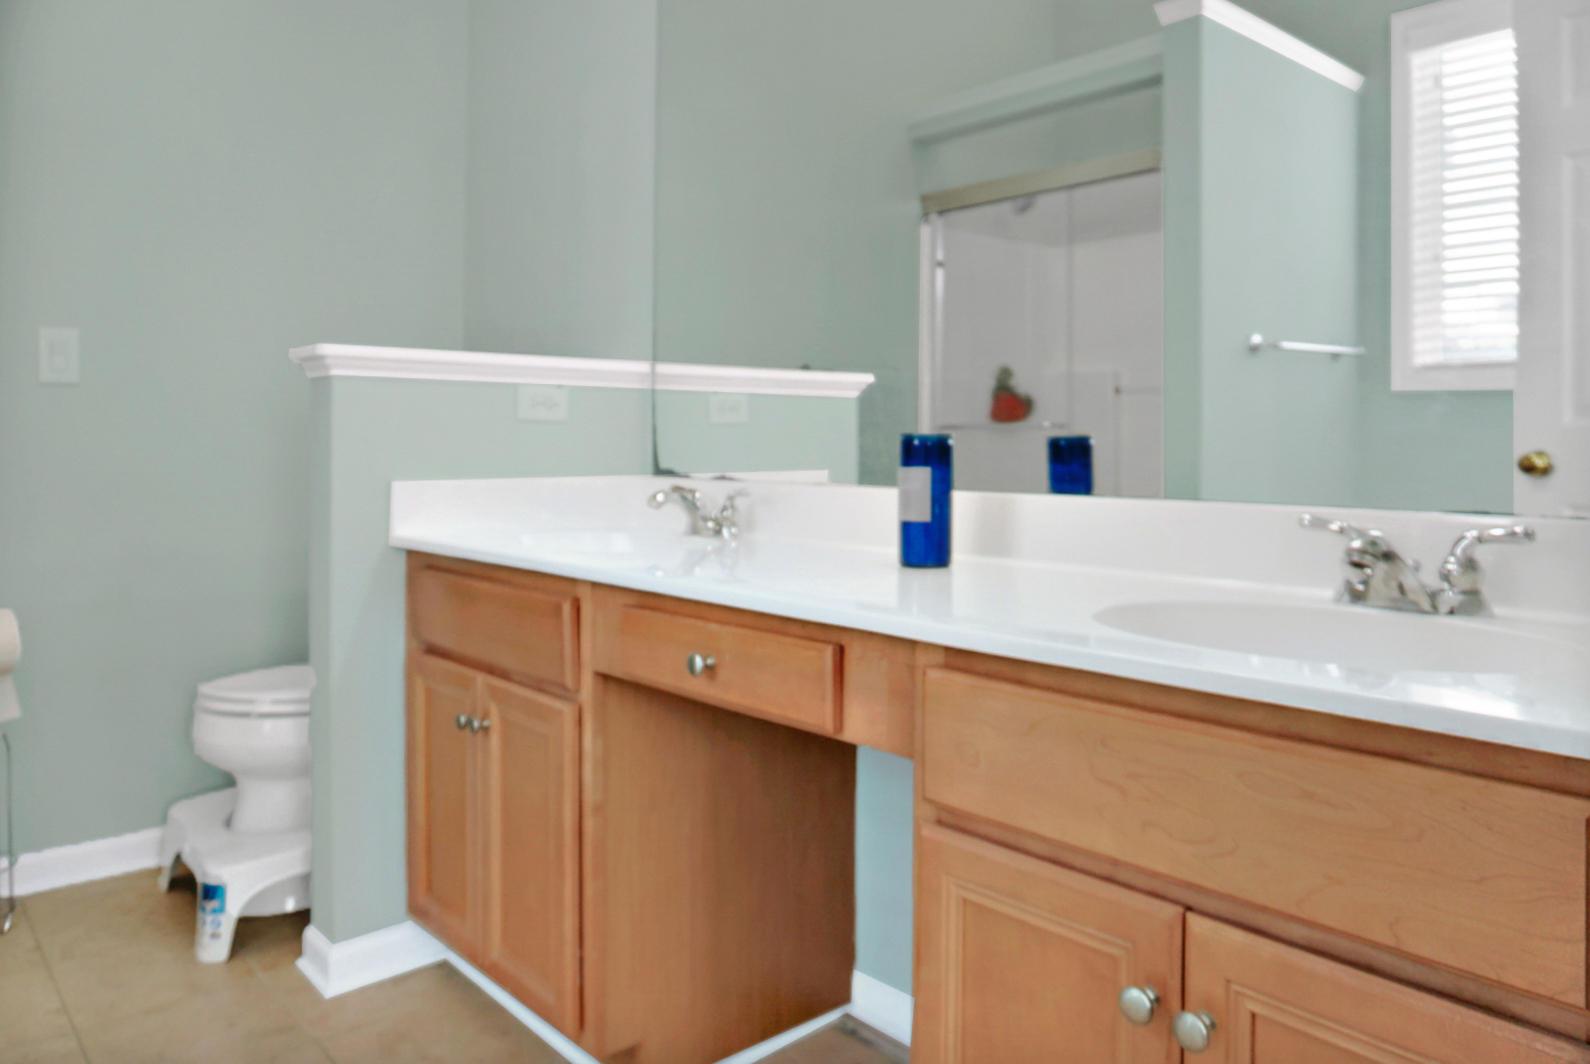 Park West Homes For Sale - 1504 Huxley, Mount Pleasant, SC - 22